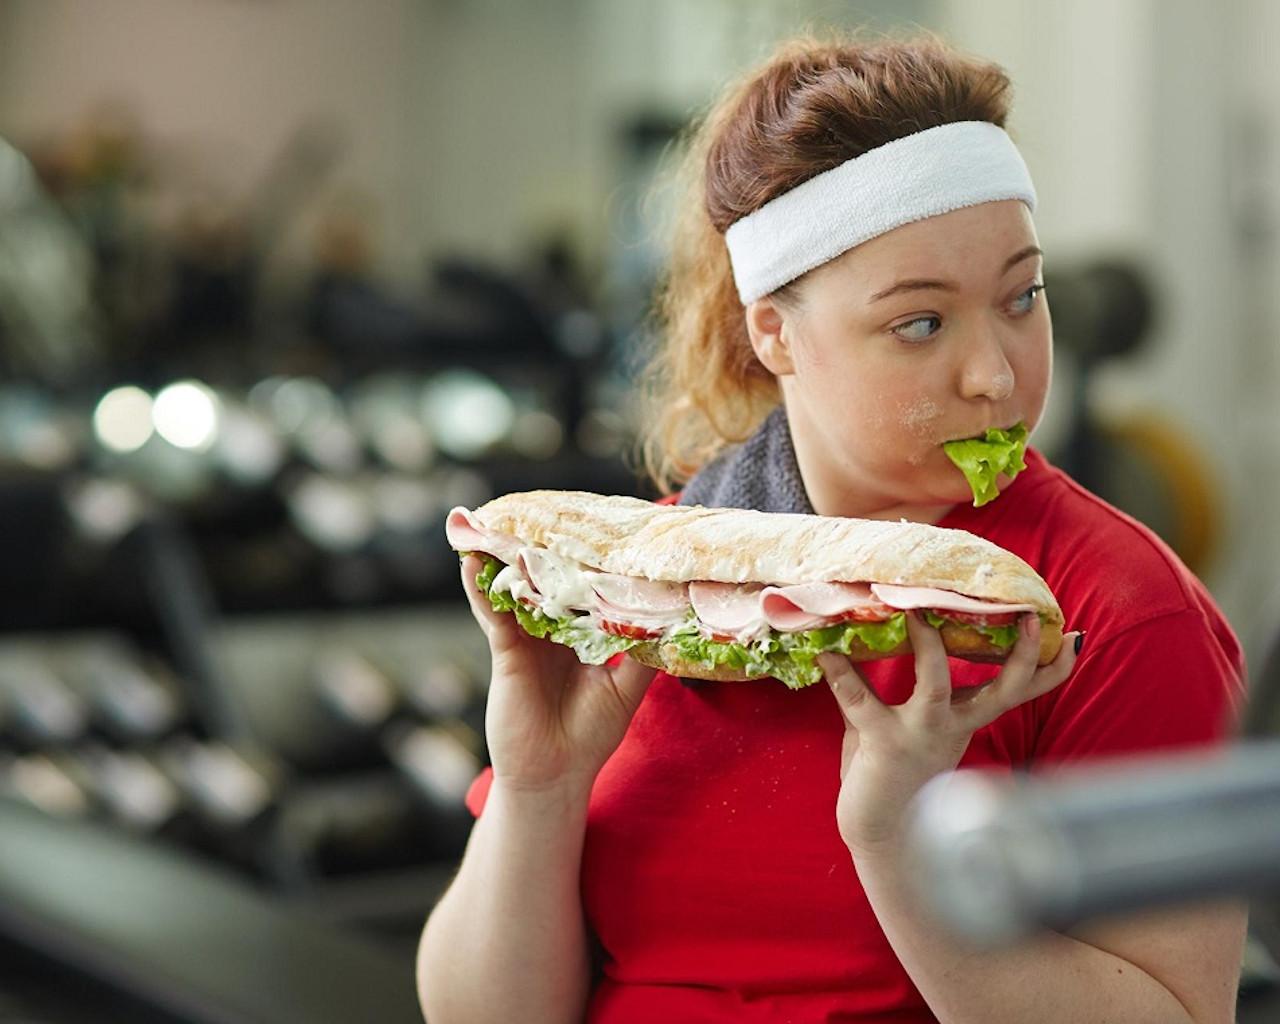 πεινα,πειναω,πειναω συνεχεια,πεινα μετα το γυμναστηριο